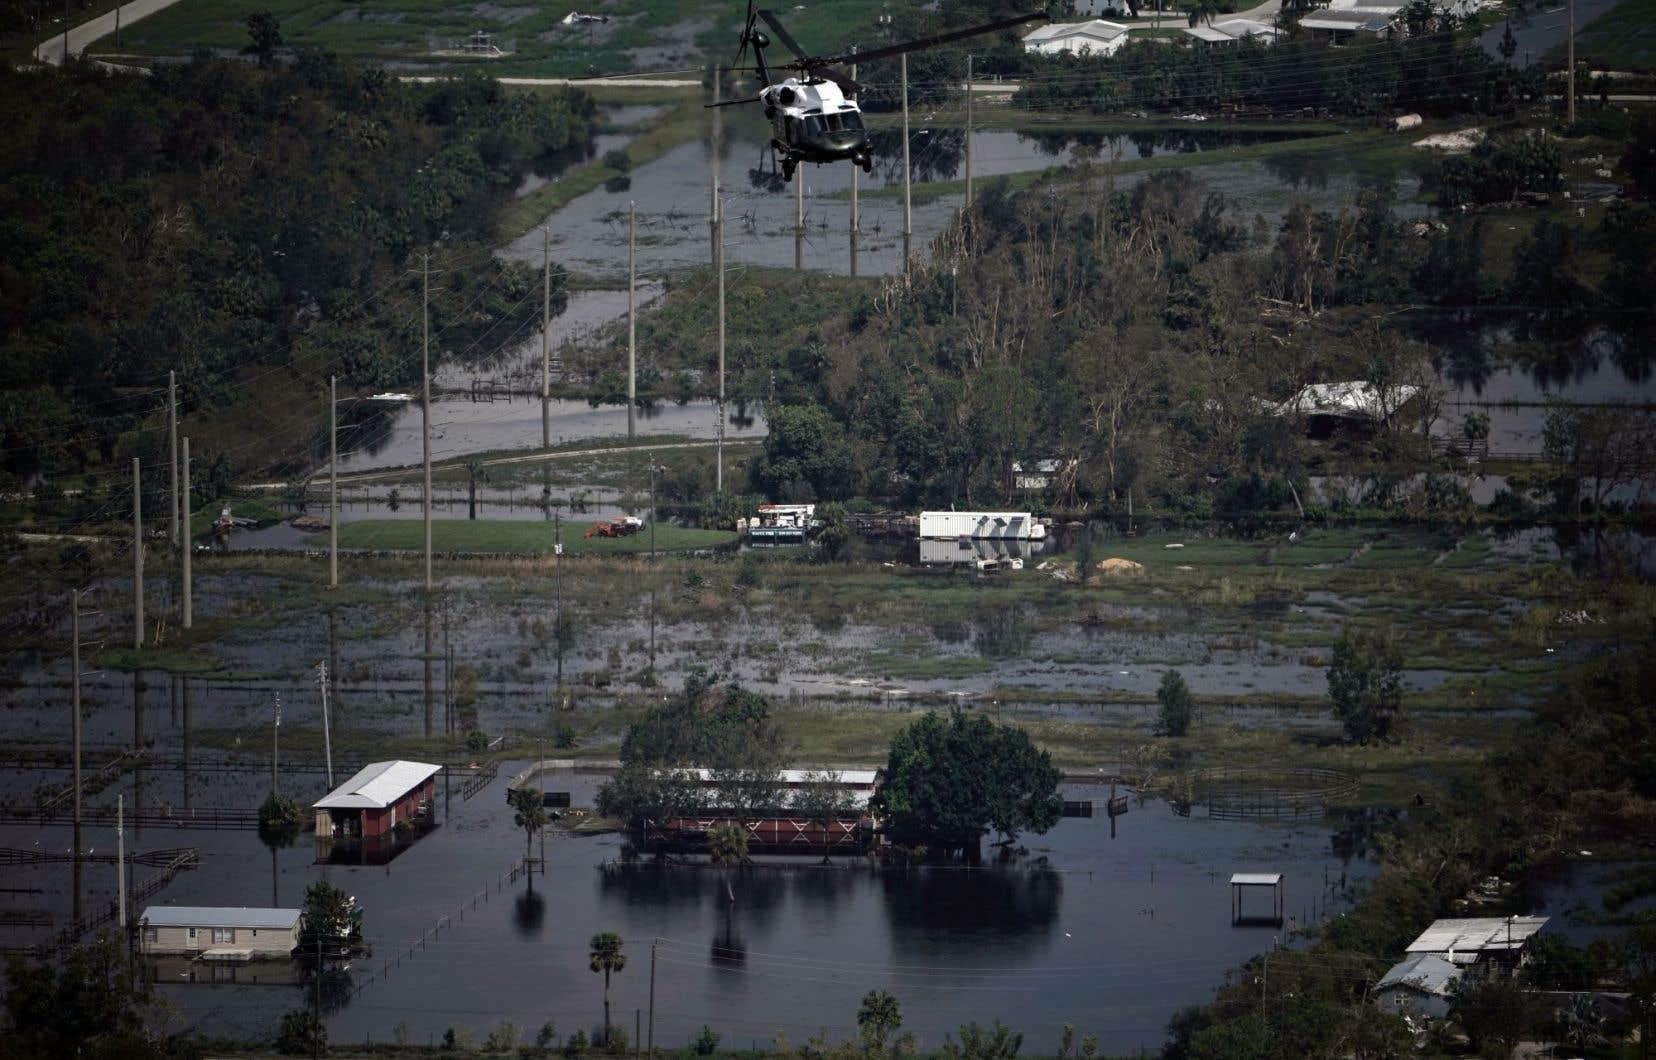 L'hélicoptère du président américain Donald Trump survole des zones inondées, non loin deFort Myers.